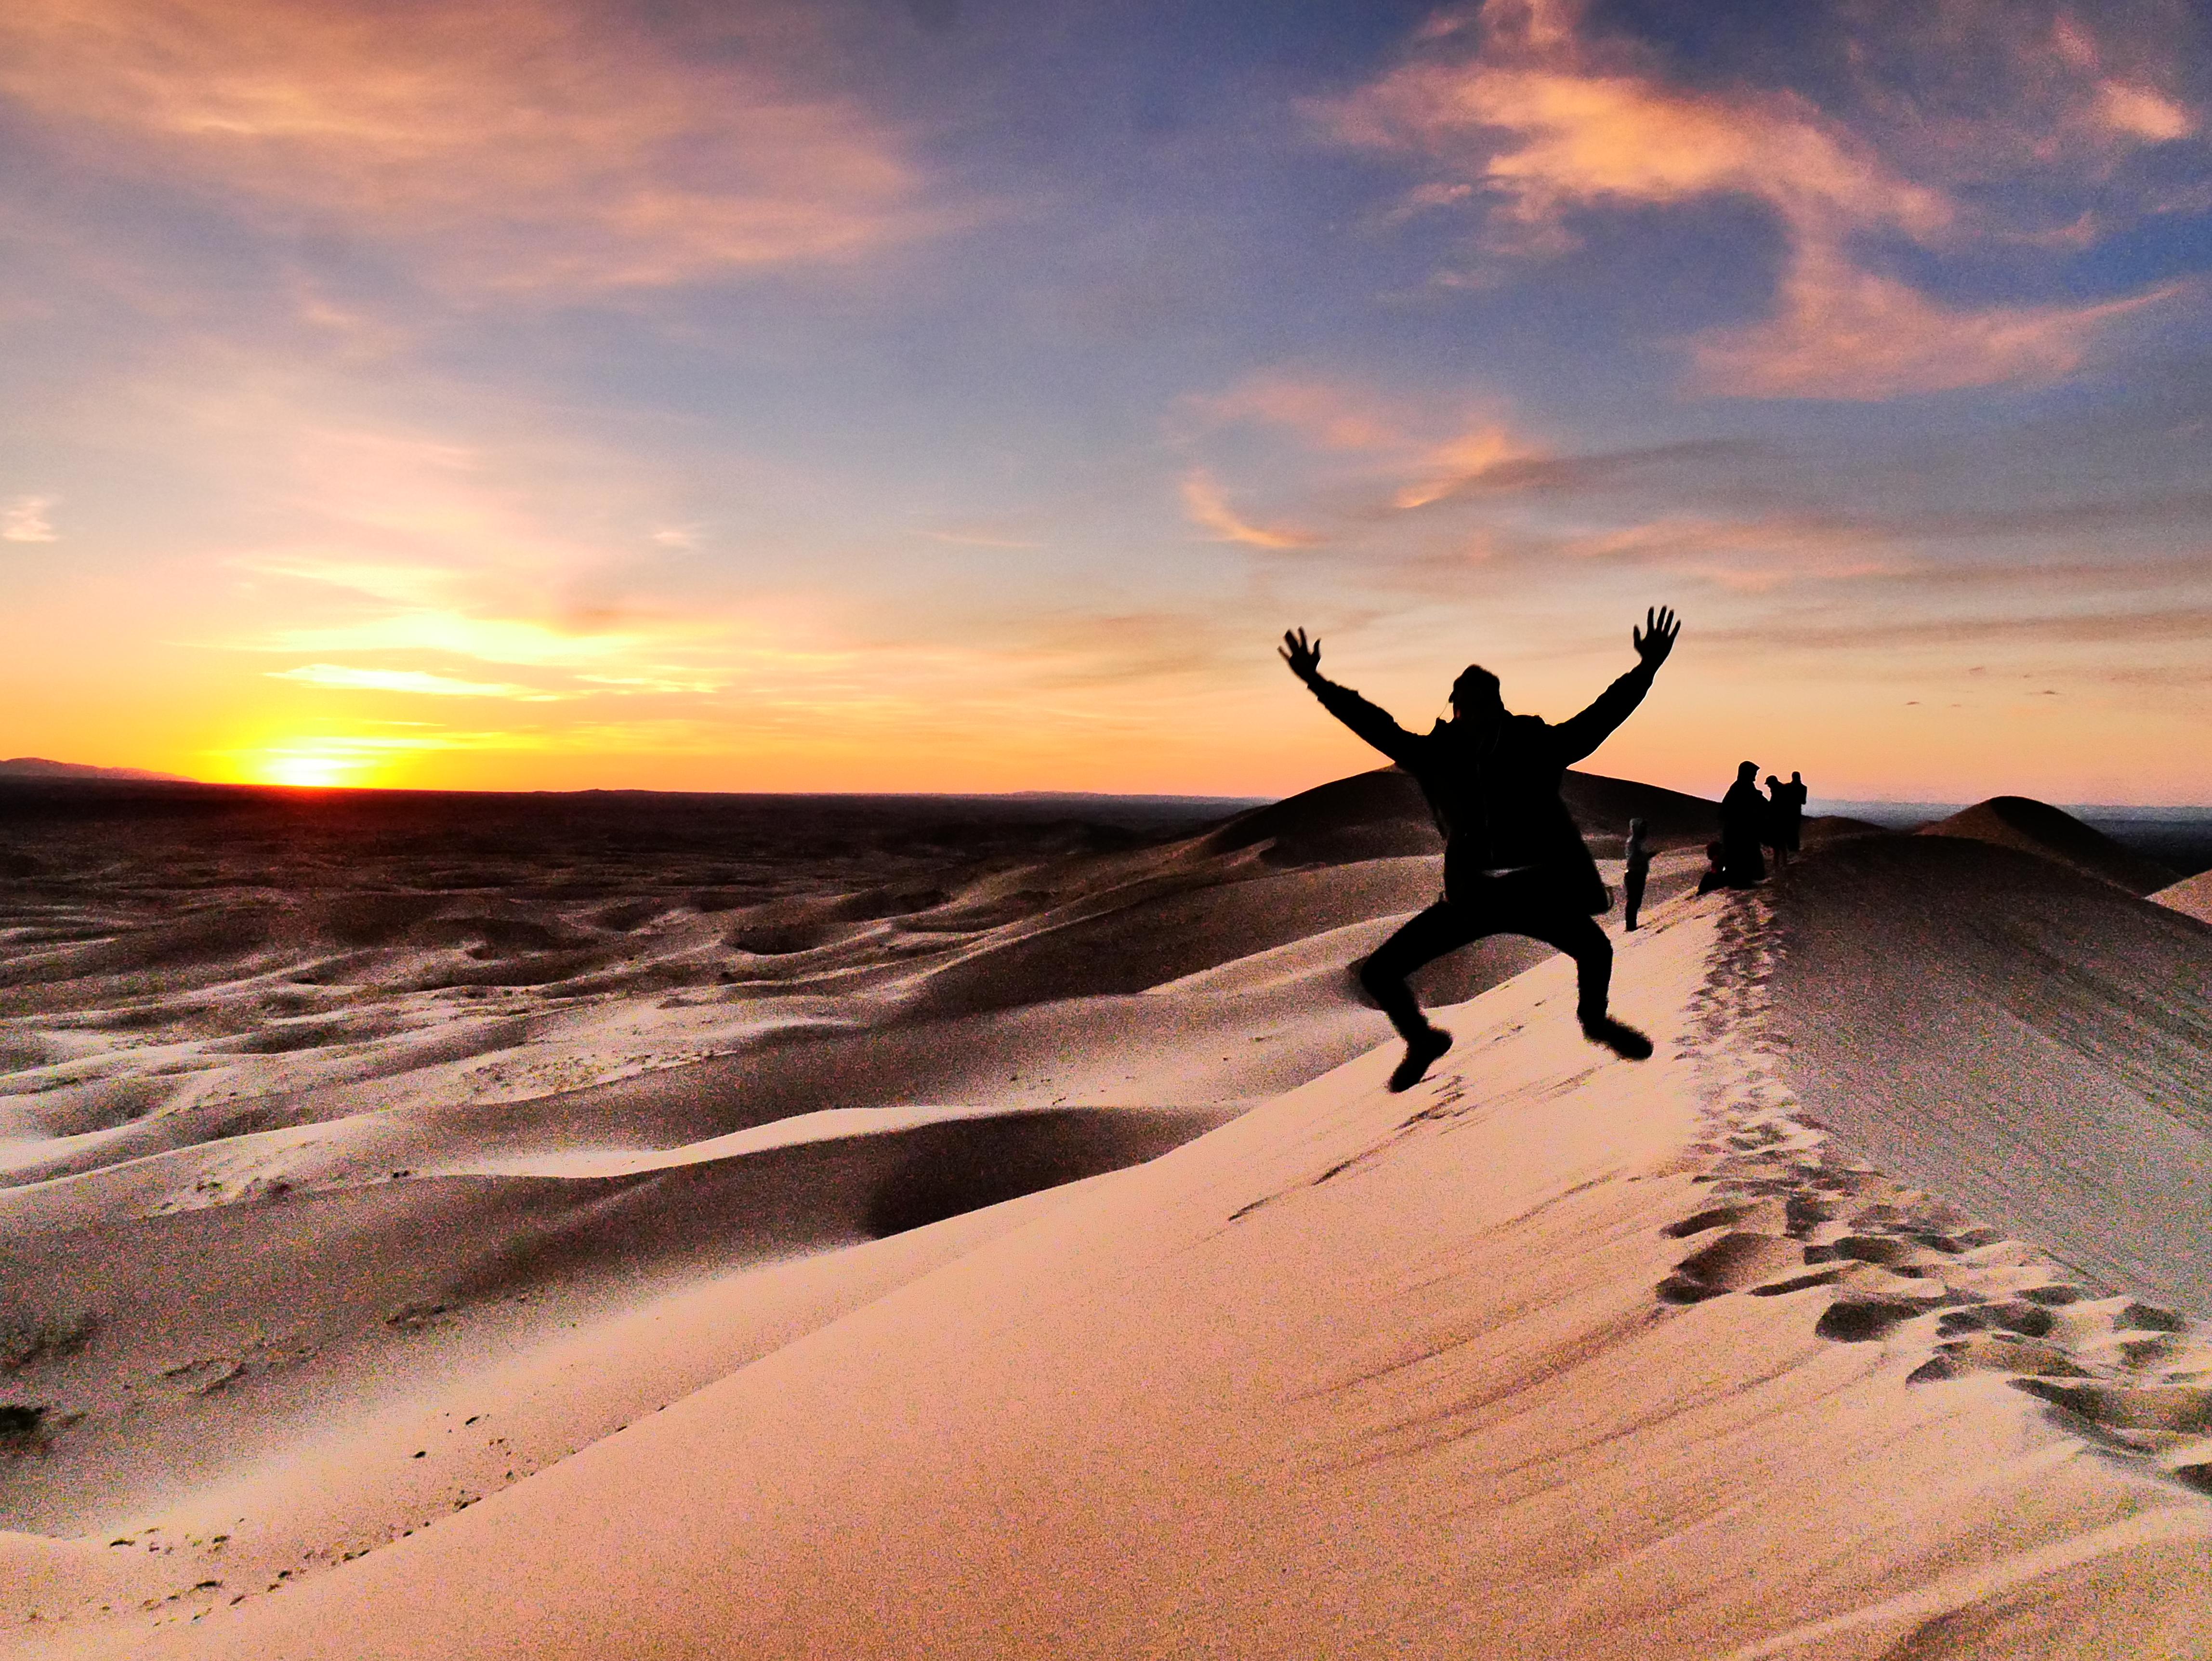 Les dunes de sable de Kangorym